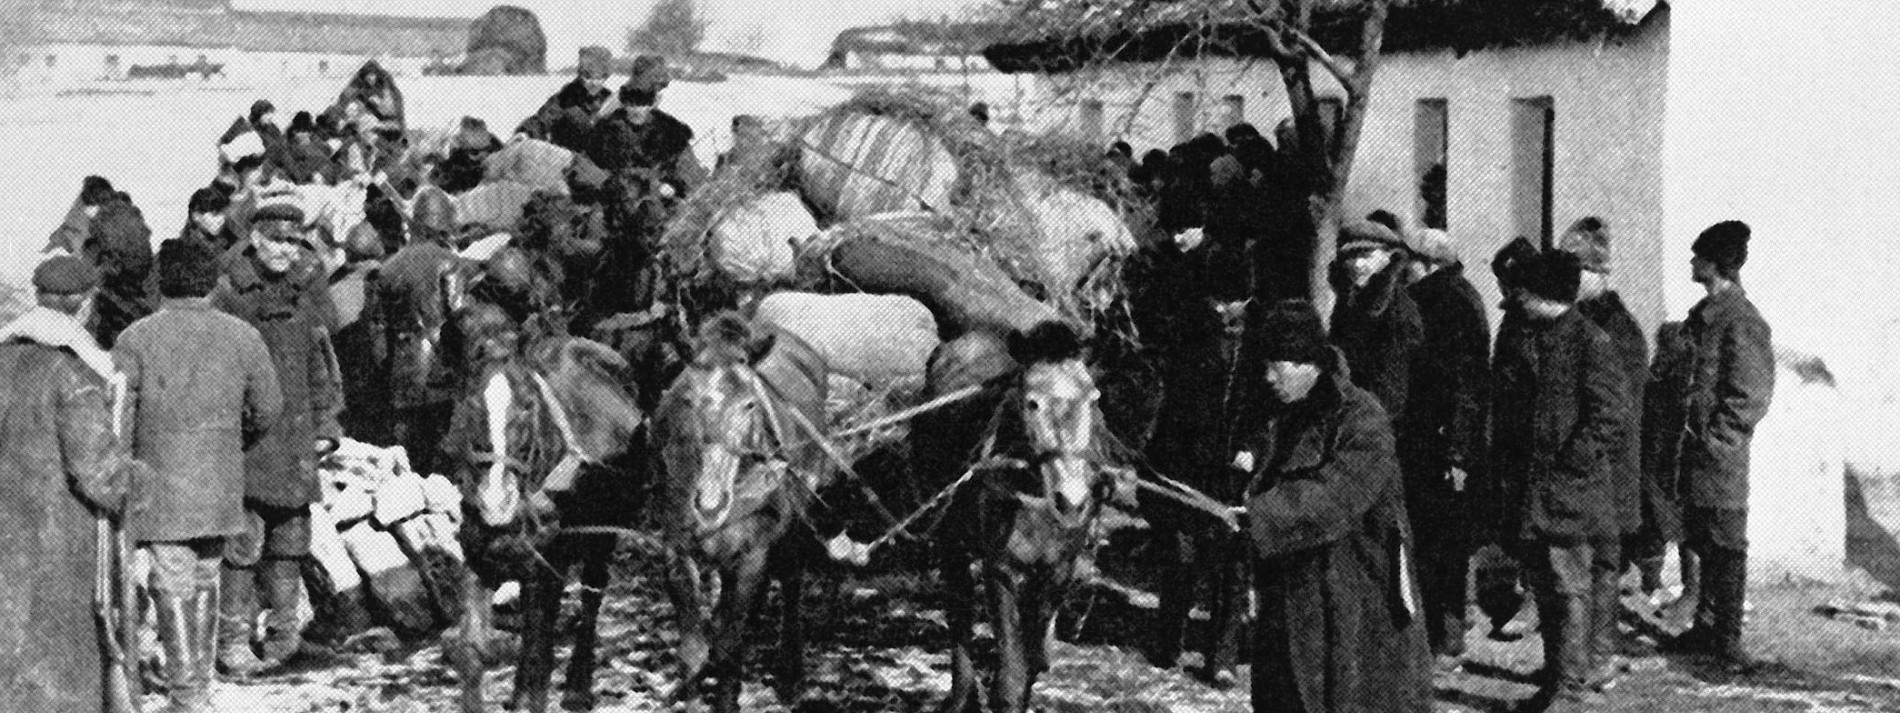 Als Zehntausende Russlanddeutsche fliehen mussten